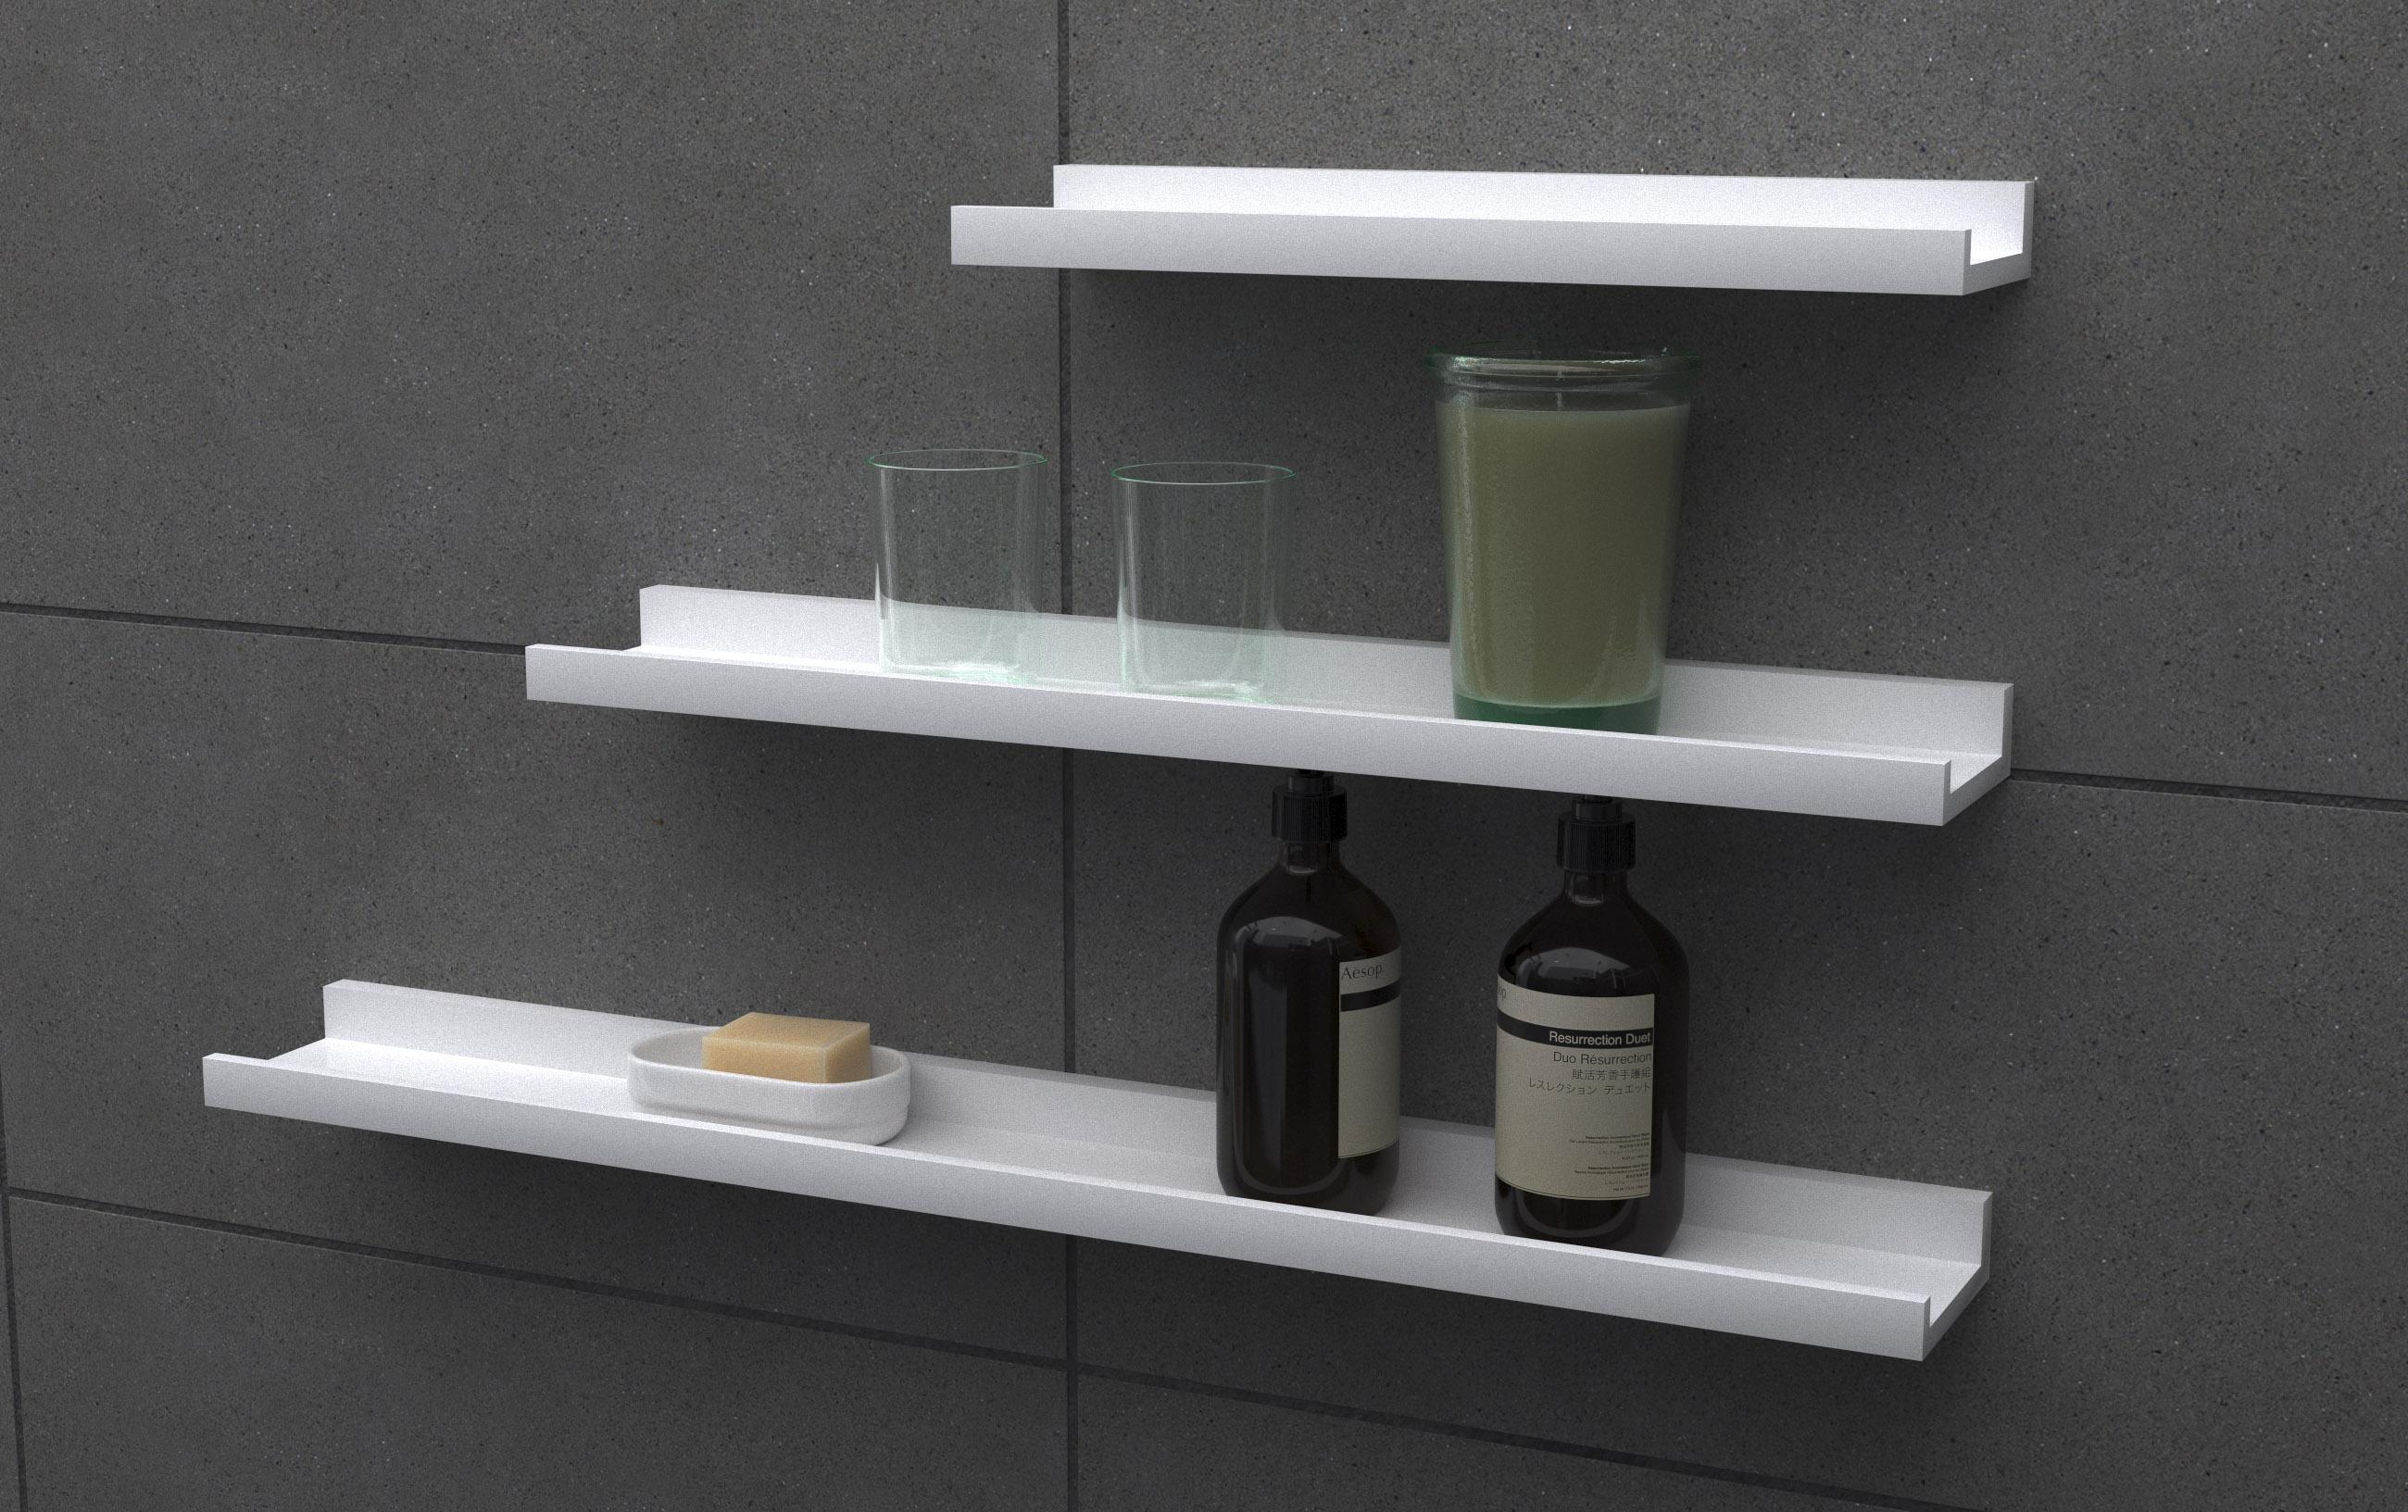 Belle Ledge Shelves 3 Sizes Triple Deal Mastershelf